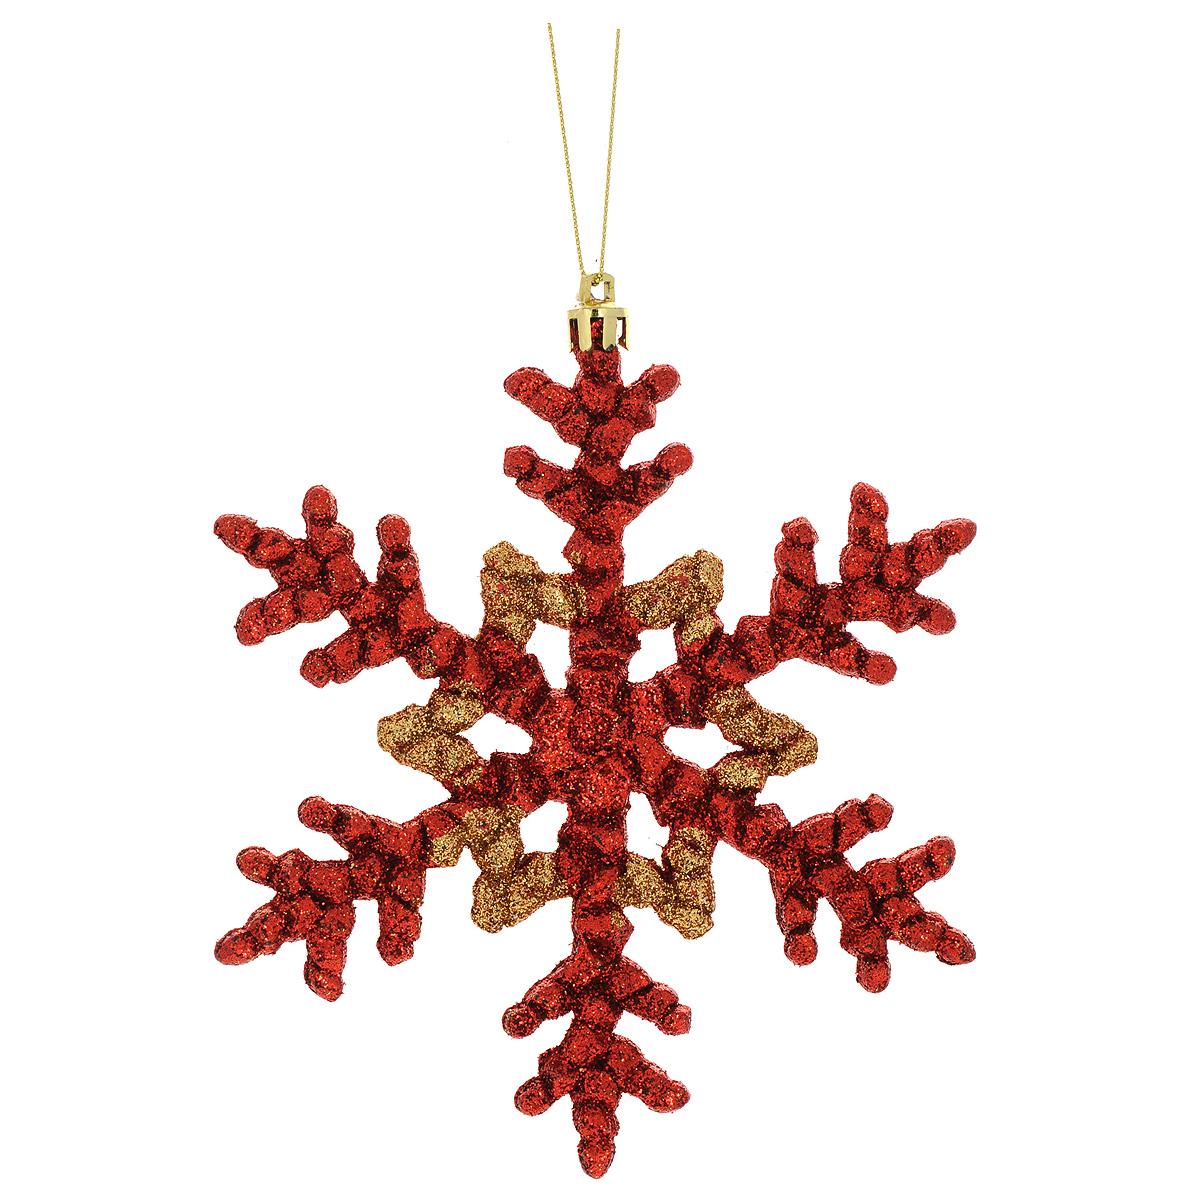 Новогоднее подвесное украшение Феникс-Презент Снежинка, цвет: красный, золотистый34994Новогоднее украшение Феникс-Презент Снежинка, изготовленное из высококачественного пластика, прекрасно подойдет для праздничного декора дома и новогодней ели. С помощью специальной текстильной петельки его можно повесить в любом понравившемся вам месте. Елочная игрушка - символ Нового года. Она несет в себе волшебство и красоту праздника. Создайте в своем доме атмосферу веселья и радости, украшая новогоднюю елку нарядными игрушками, которые будут из года в год накапливать теплоту воспоминаний.